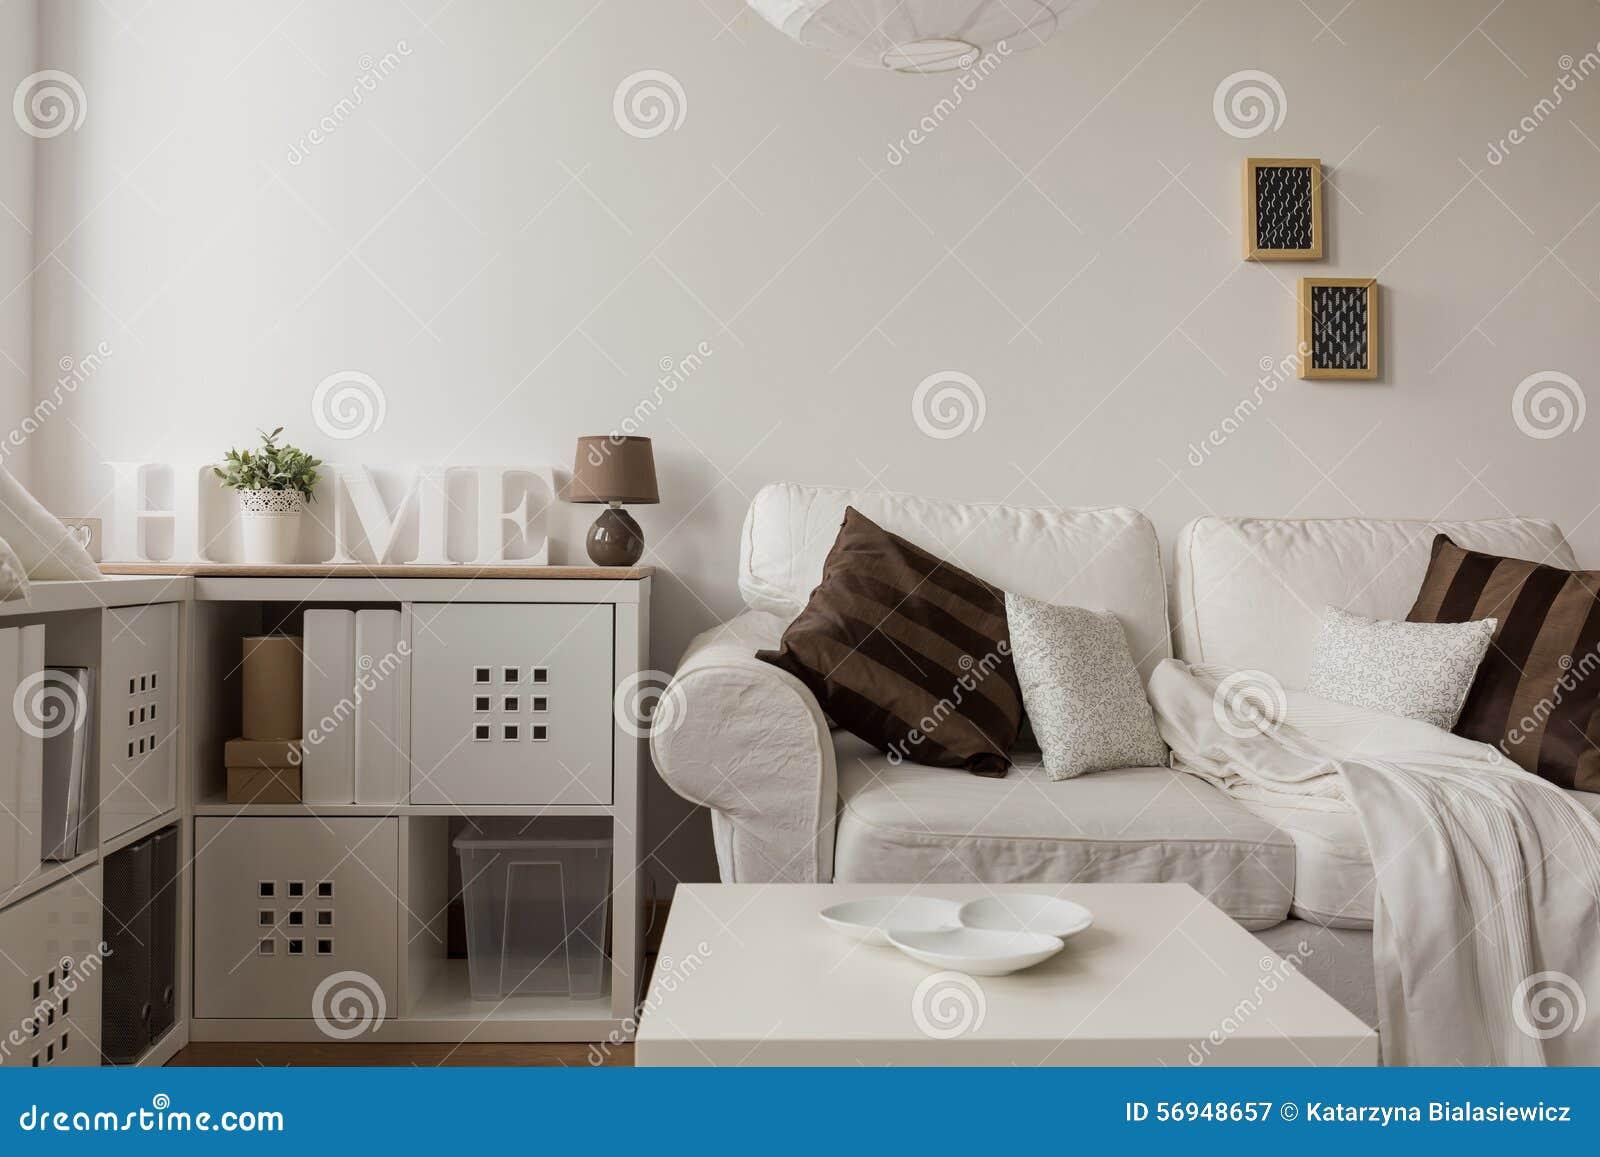 wei es sofa und braune kissen stockfoto bild 56948657. Black Bedroom Furniture Sets. Home Design Ideas